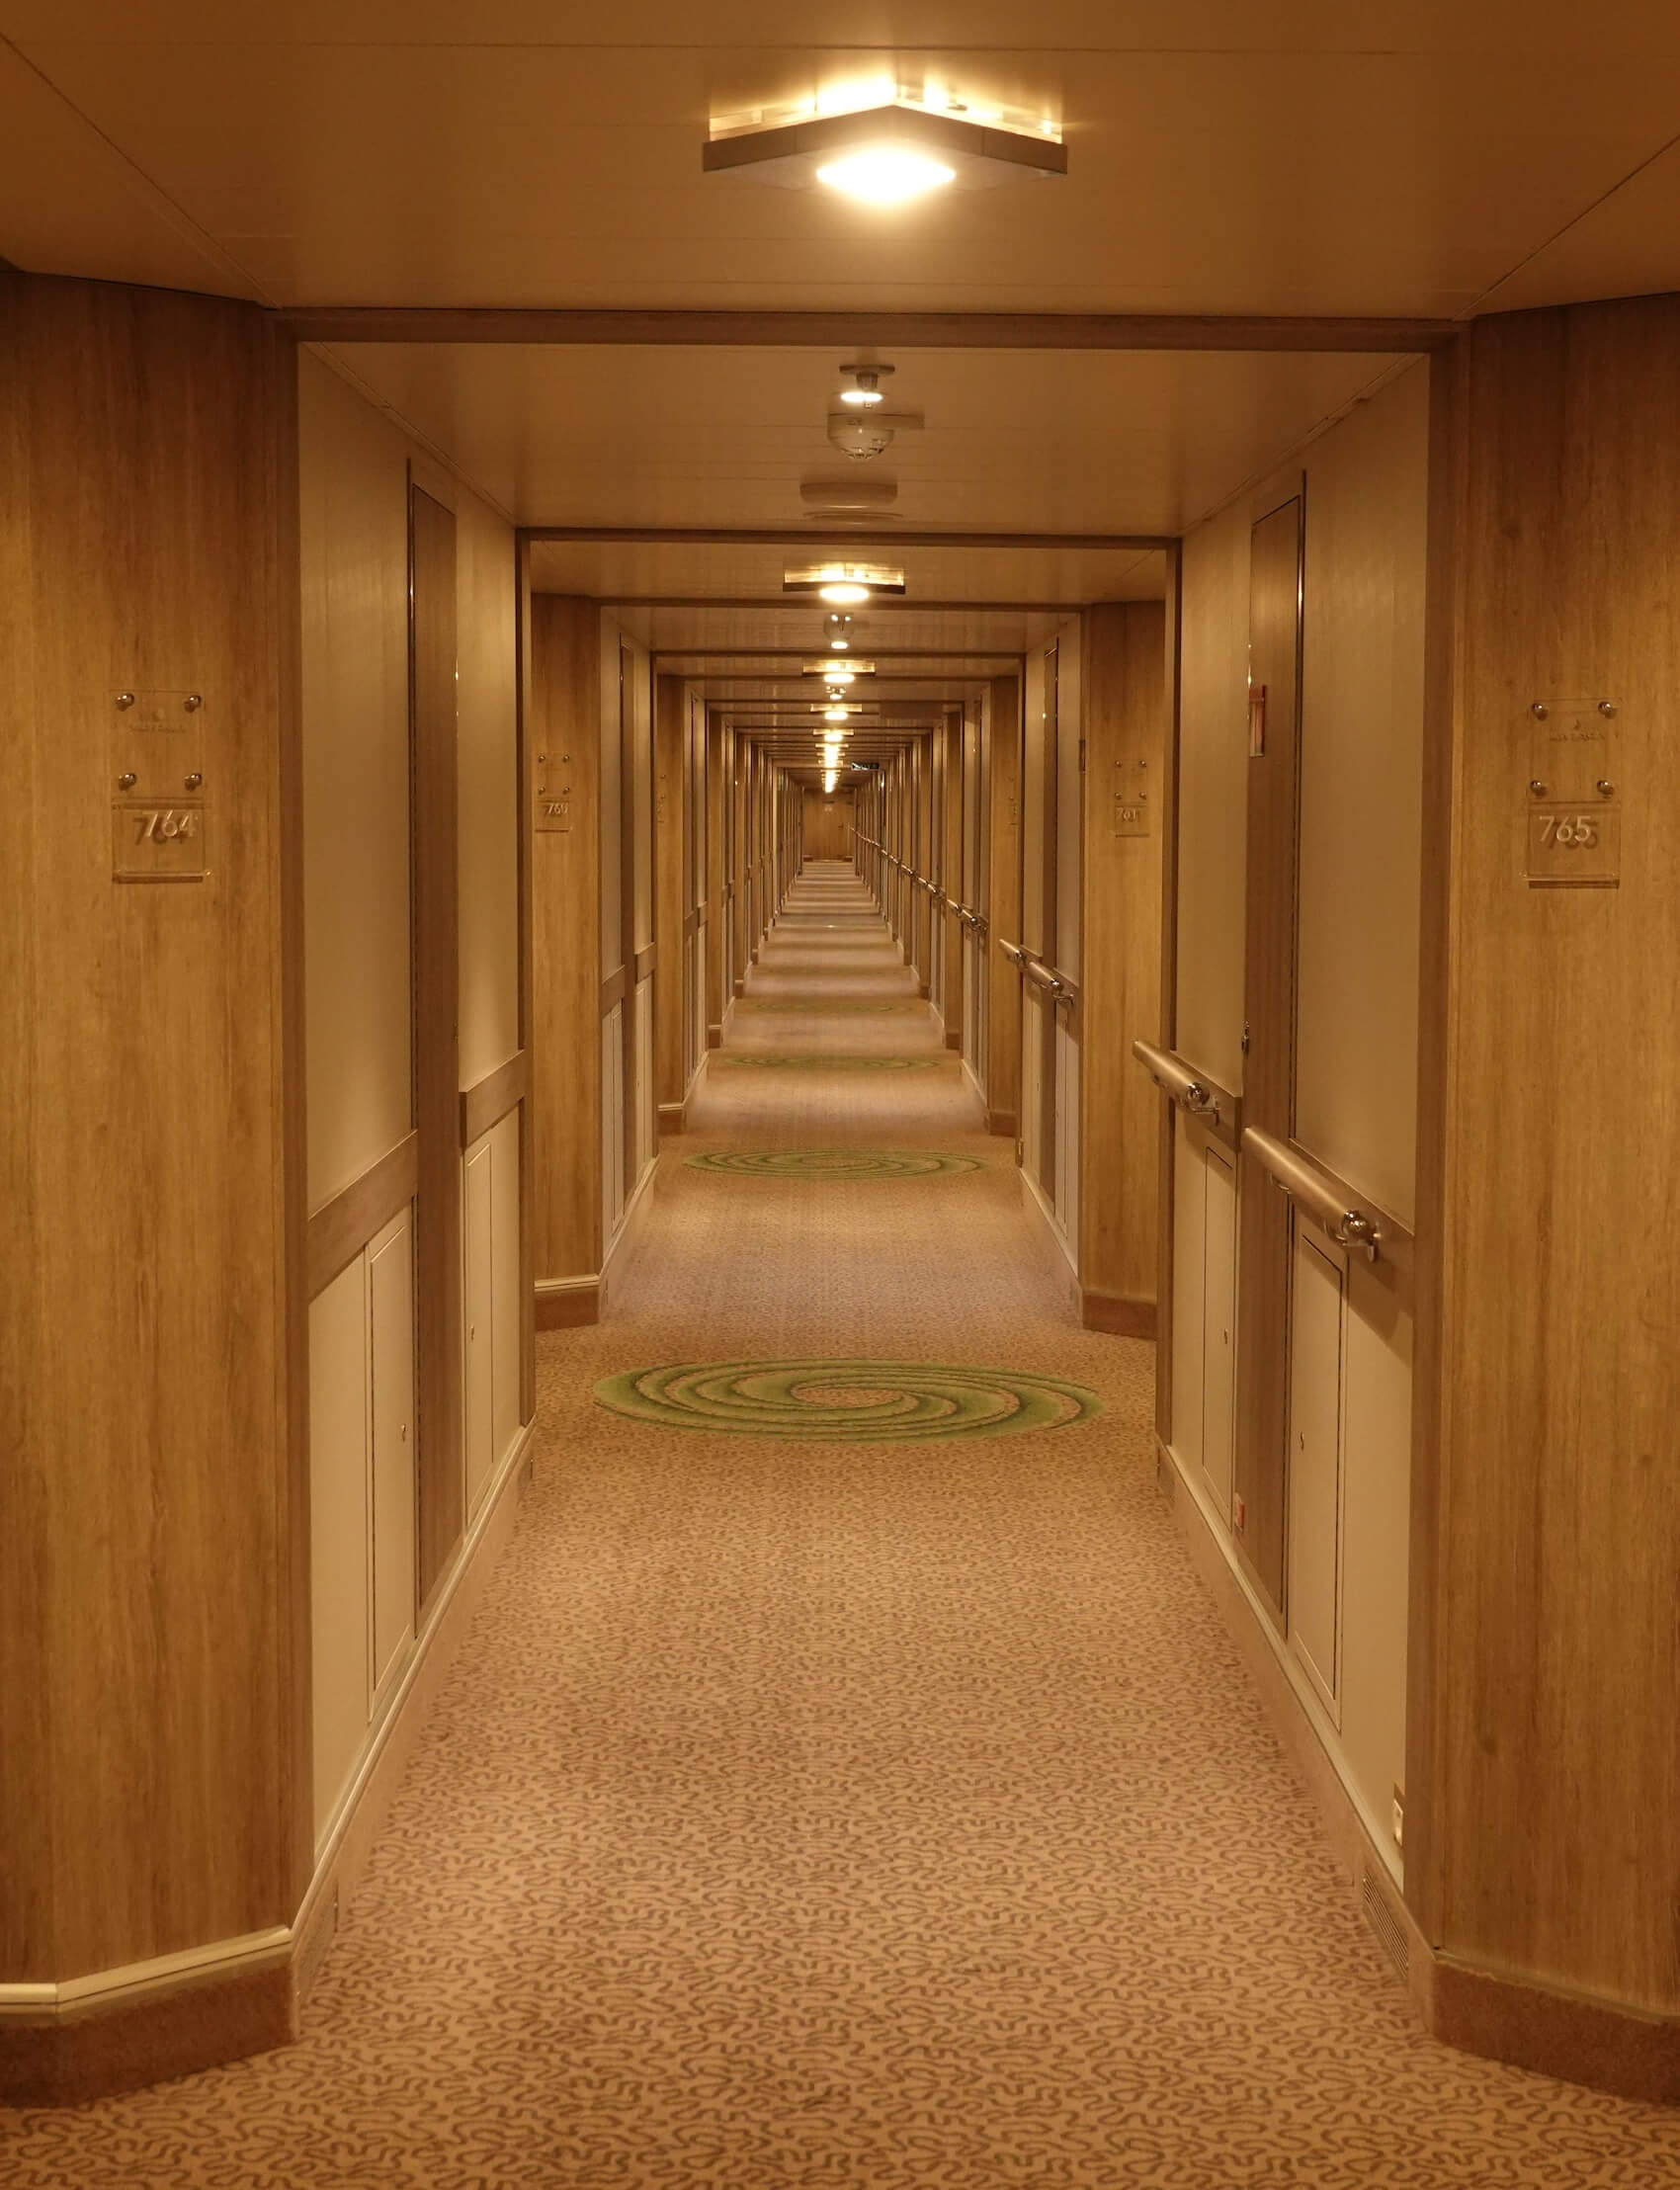 シルバーシー 廊下